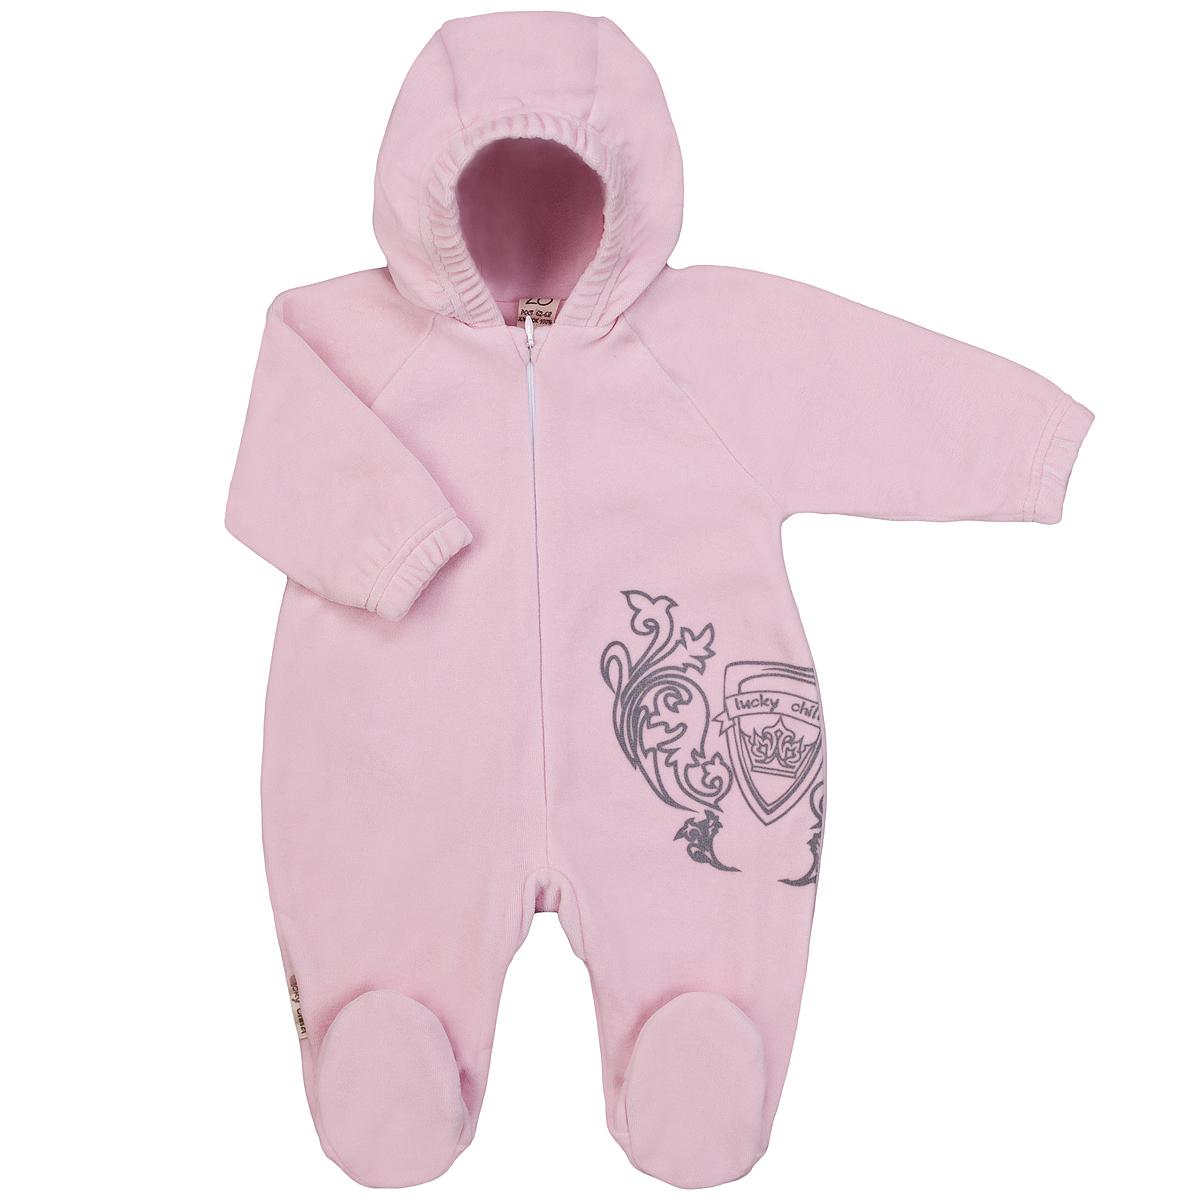 Комбинезон детский Lucky Child, цвет: розовый. 5-4. Размер 80/865-4Детский комбинезон с капюшоном Lucky Child - очень удобный и практичный вид одежды для малышей. Комбинезон выполнен из велюра на подкладке из натурального хлопка, благодаря чему он необычайно мягкий и приятный на ощупь, не раздражают нежную кожу ребенка и хорошо вентилируются, а эластичные швы приятны телу малышки и не препятствуют ее движениям. Комбинезон с длинными рукавами-реглан и закрытыми ножками по центру имеет потайную застежку-молнию, которая помогает легко переодеть младенца или сменить подгузник. Спереди он оформлен оригинальным принтом в виде логотипа бренда. Рукава понизу дополнены неширокими эластичными манжетами, которые мягко обхватывают запястья. С детским комбинезоном Lucky Child спинка и ножки вашего малыша всегда будут в тепле. Комбинезон полностью соответствует особенностям жизни младенца в ранний период, не стесняя и не ограничивая его в движениях!